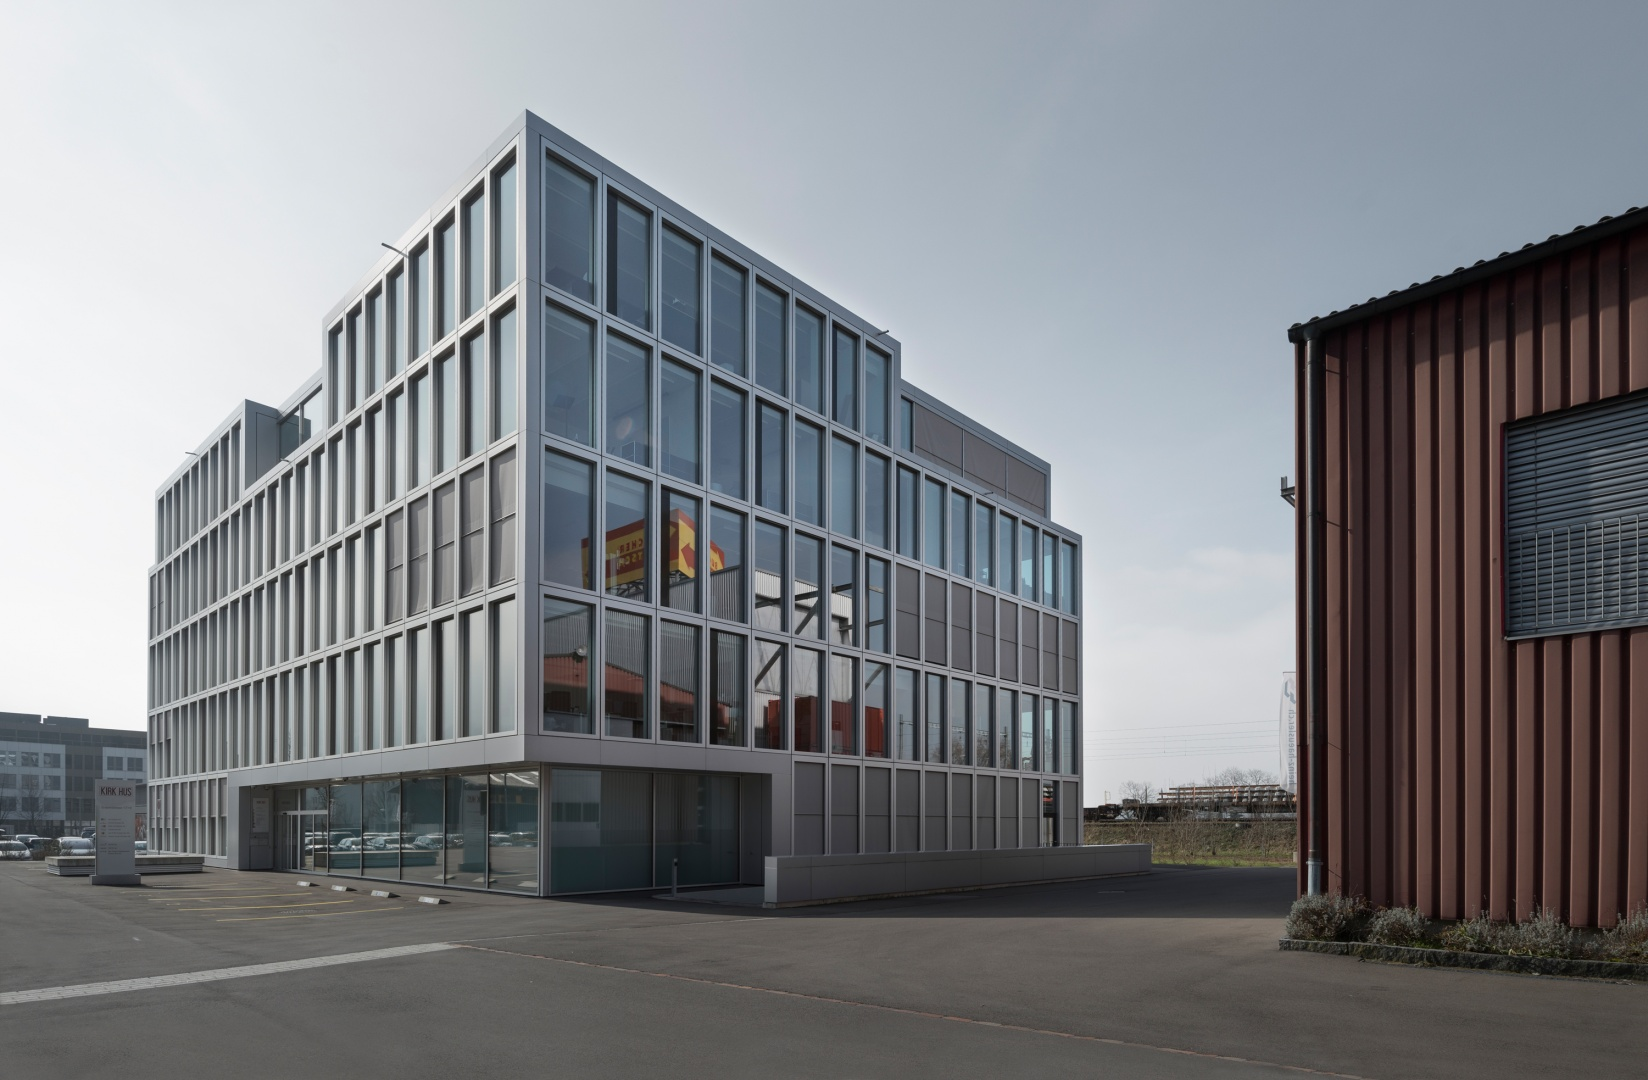 Fassade zu Platz © Ulrich Stockhaus, Zürich